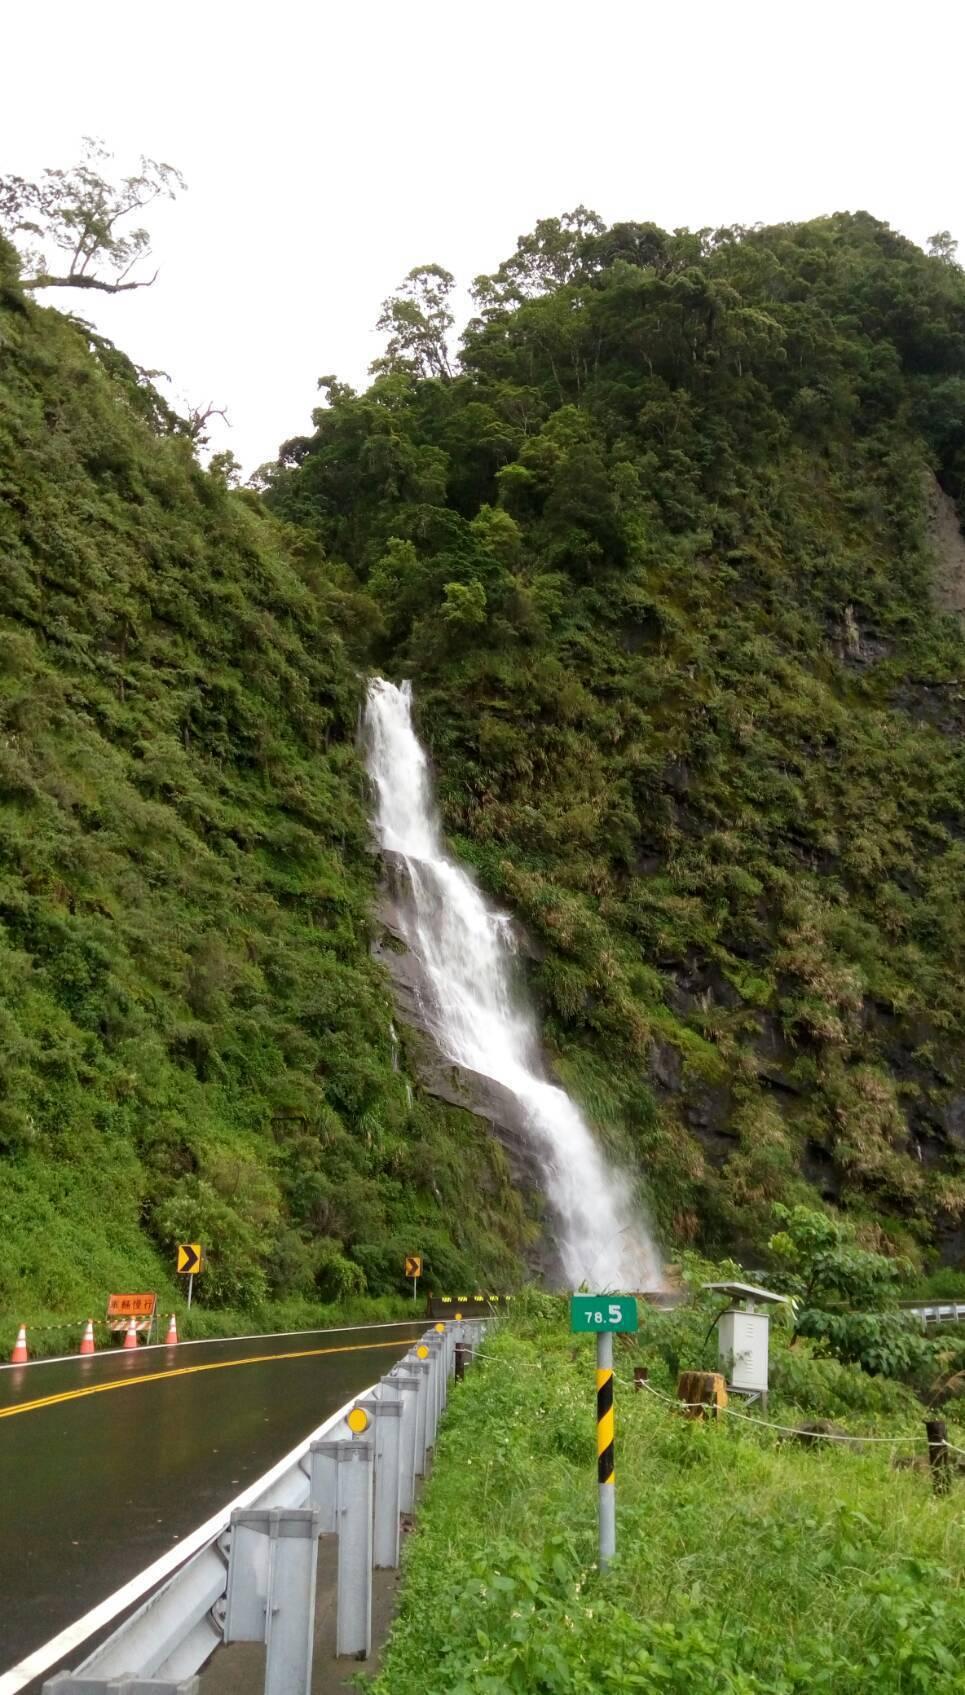 阿里山公路78.5公里處雨季時的壯觀瀑布。圖/讀者提供